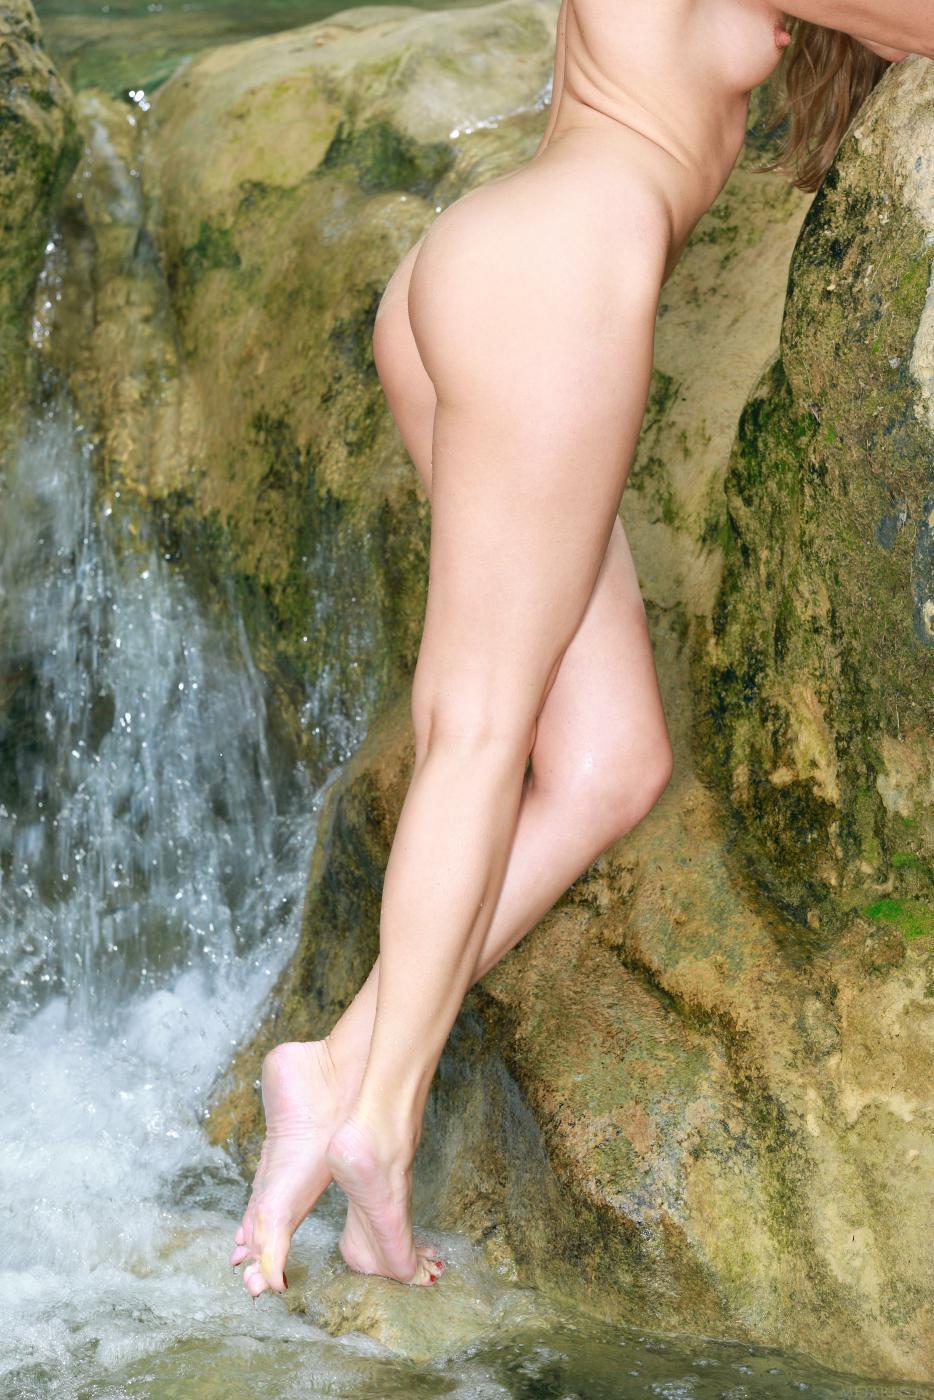 Страстная брюнетка-дешевка Kesia Nubiles сдвигает бикини, великолепно демонстрируя манду и задницу